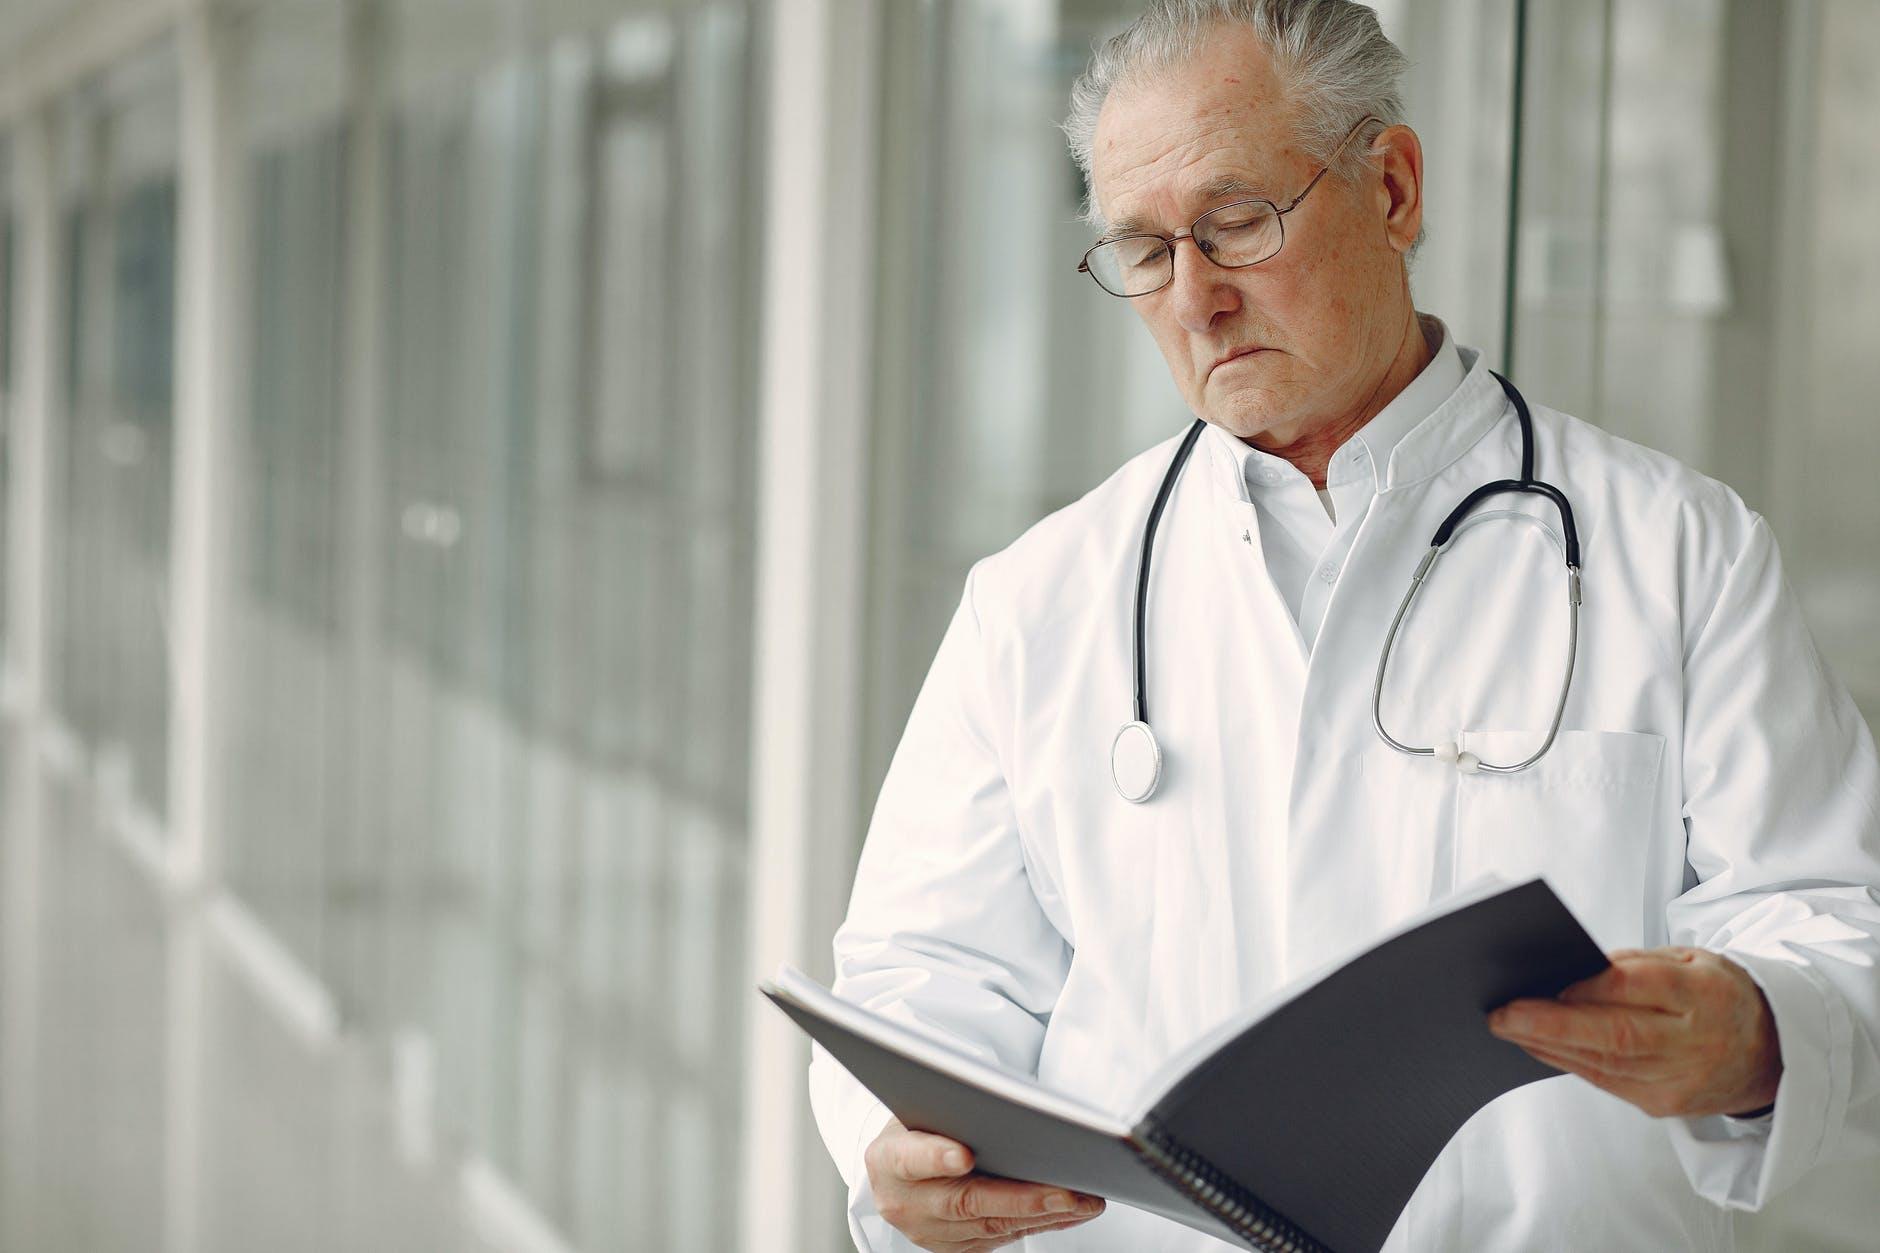 Clínica médica: os maiores erros ao realizar seus atendimentos